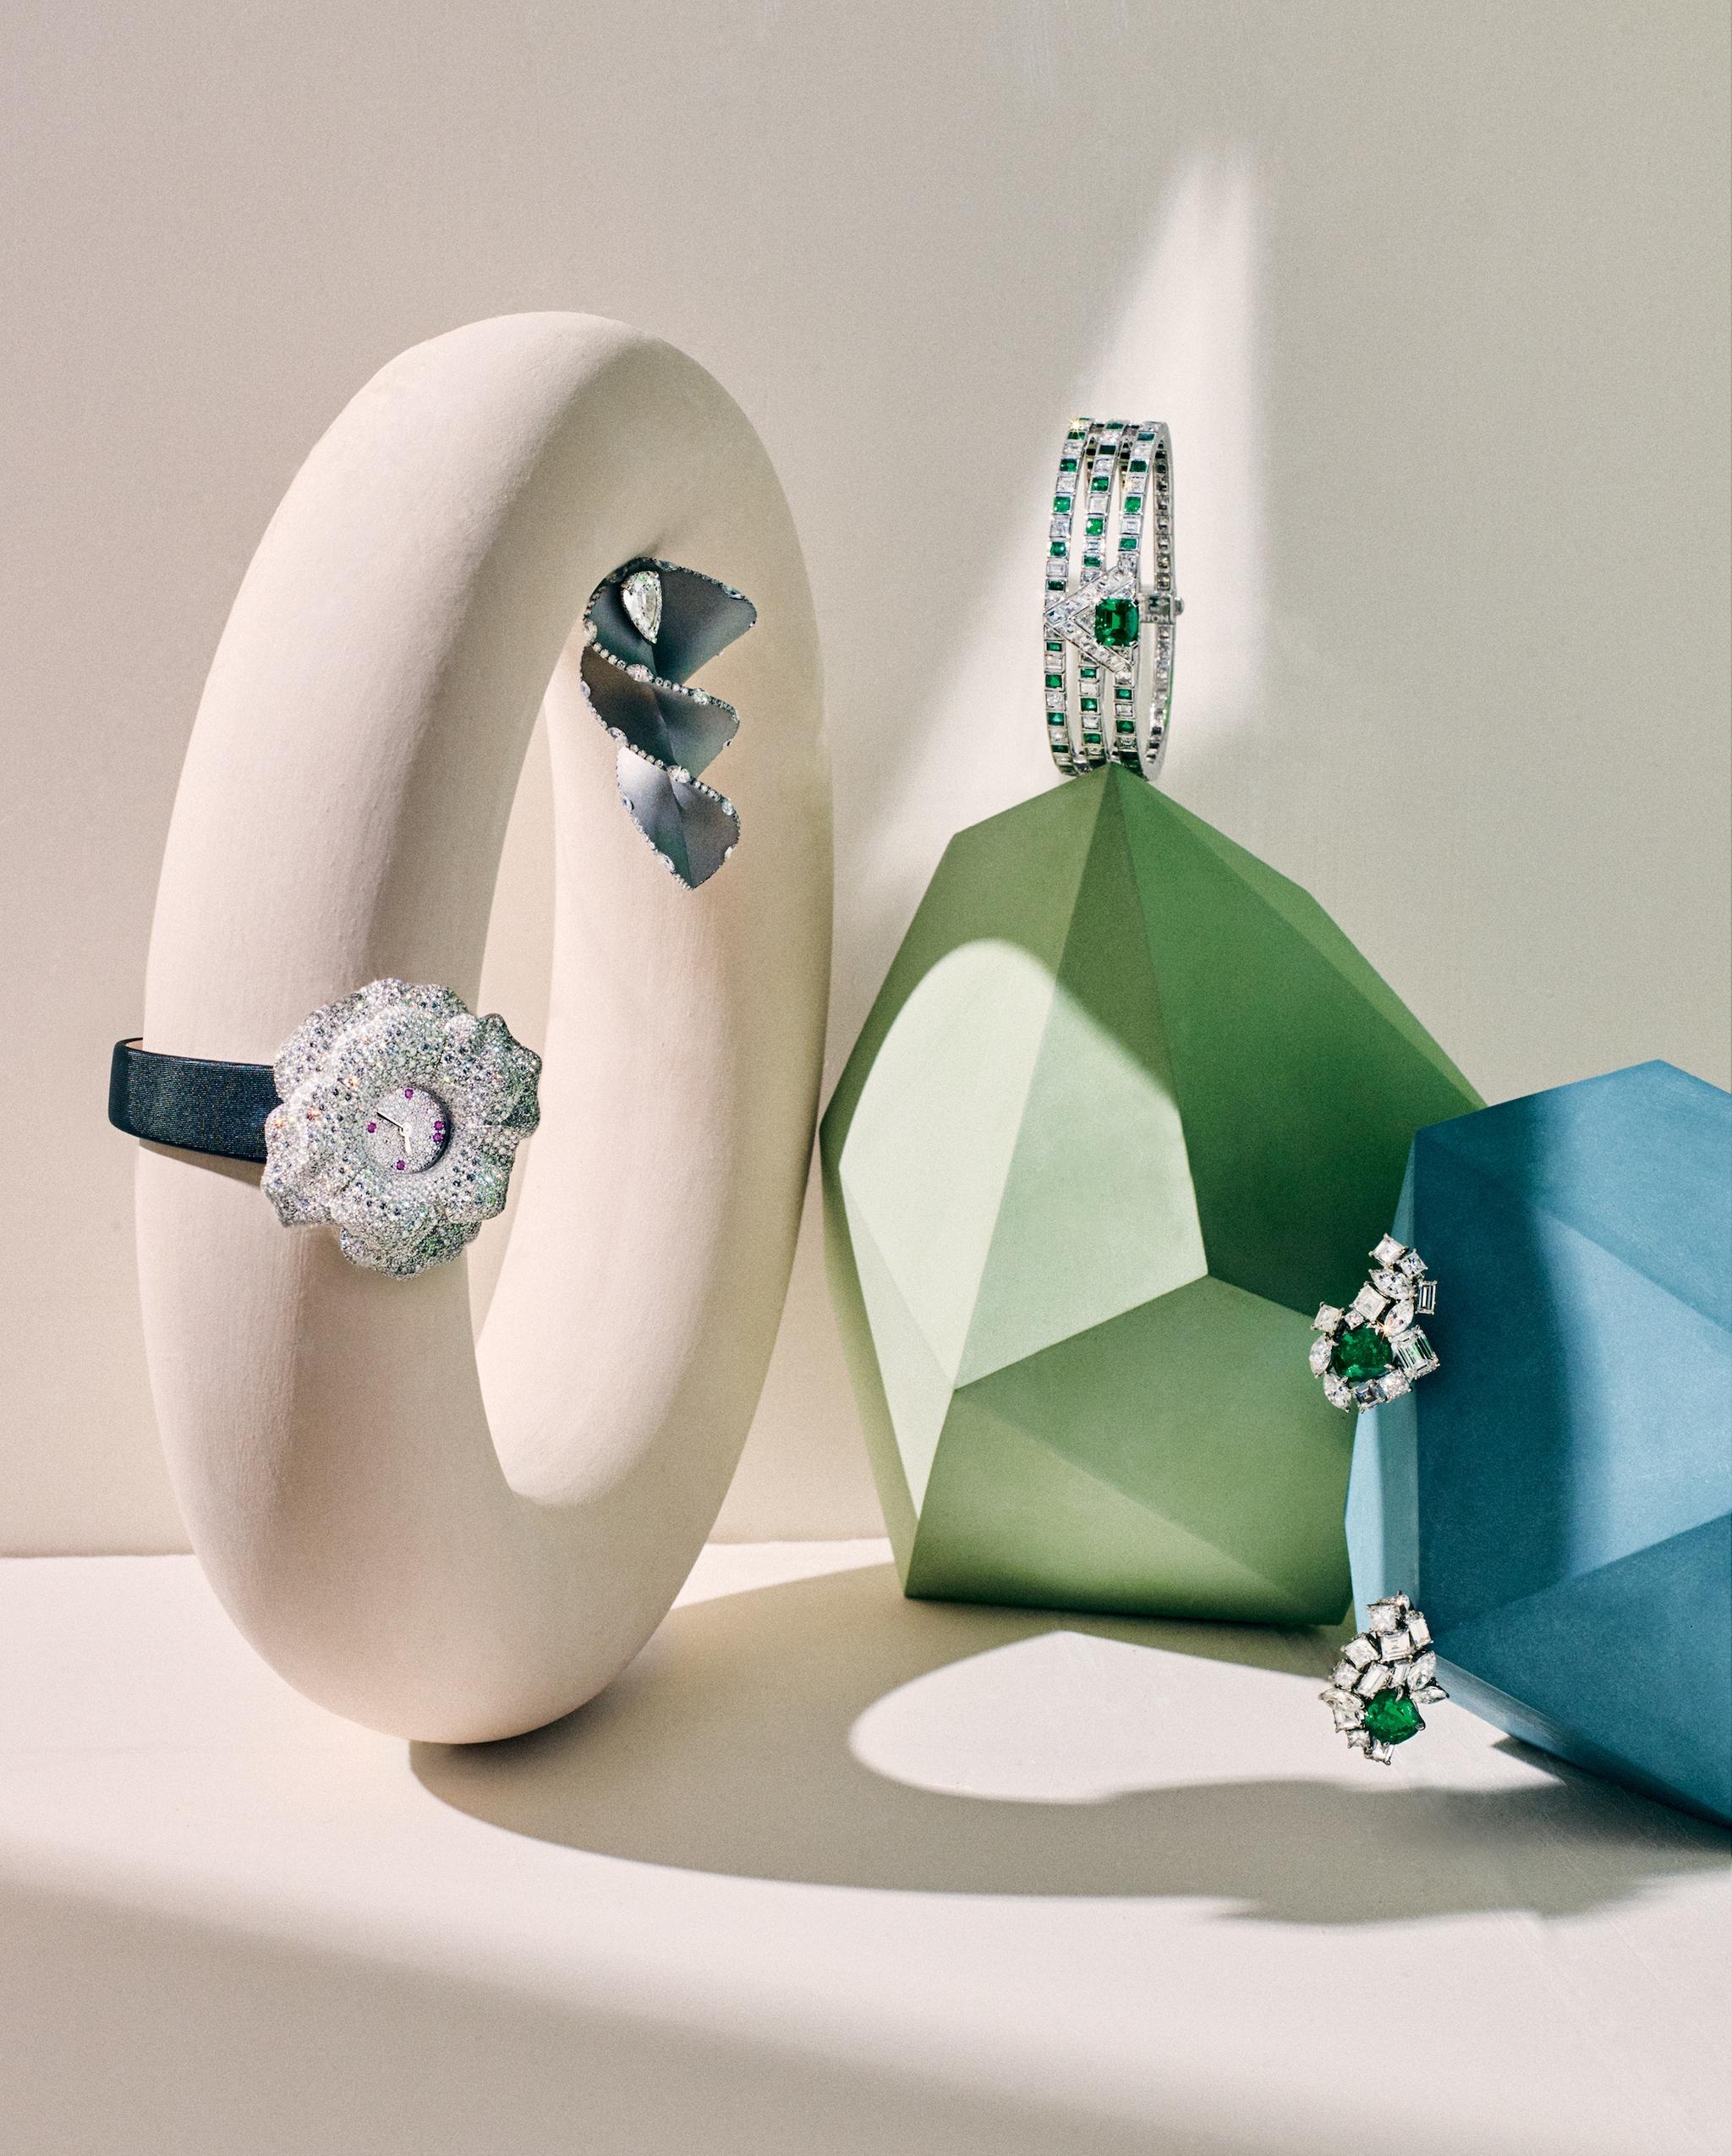 Da sinistra, orologio La Rose, in oro bianco incastonato con pavé di diamanti e zaffiri rosa, JAEGER-LECOULTRE. Orecchino a spirale in titanio, oro bianco e diamanti, FABIO SALINI. Bracciale rigido  a damier di brillanti e smeraldi su oro bianco, LOUIS VUITTON. Orecchini asimmetrici, in platino, con smeraldo centrale e diamanti, DIOR JOAILLERIE. In tutta la gallery, sculture in ceramica della collezione Polyèdres, PIA VAN PETEGHEM.